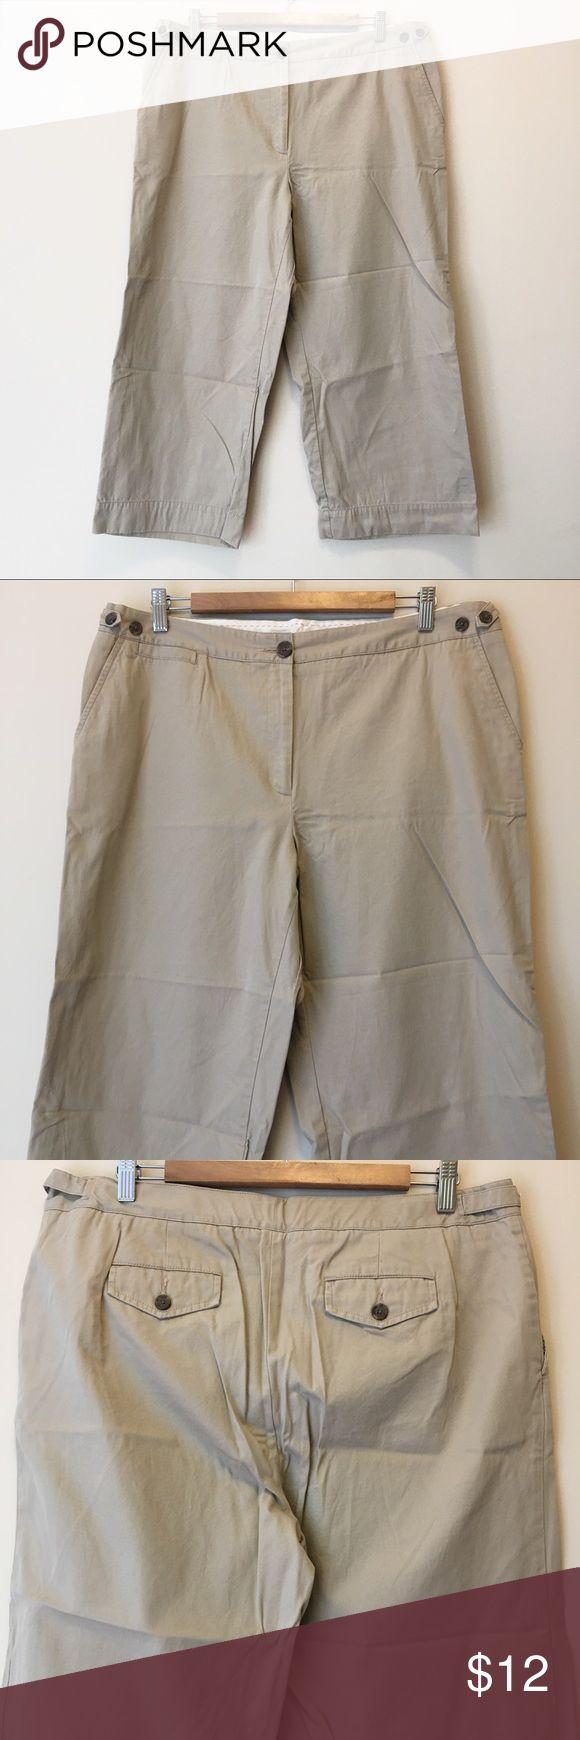 Lands' End Khaki Capris Khaki Capri pants by Lands' End. Size 16.  Excellent condition! Lands' End Pants Capris